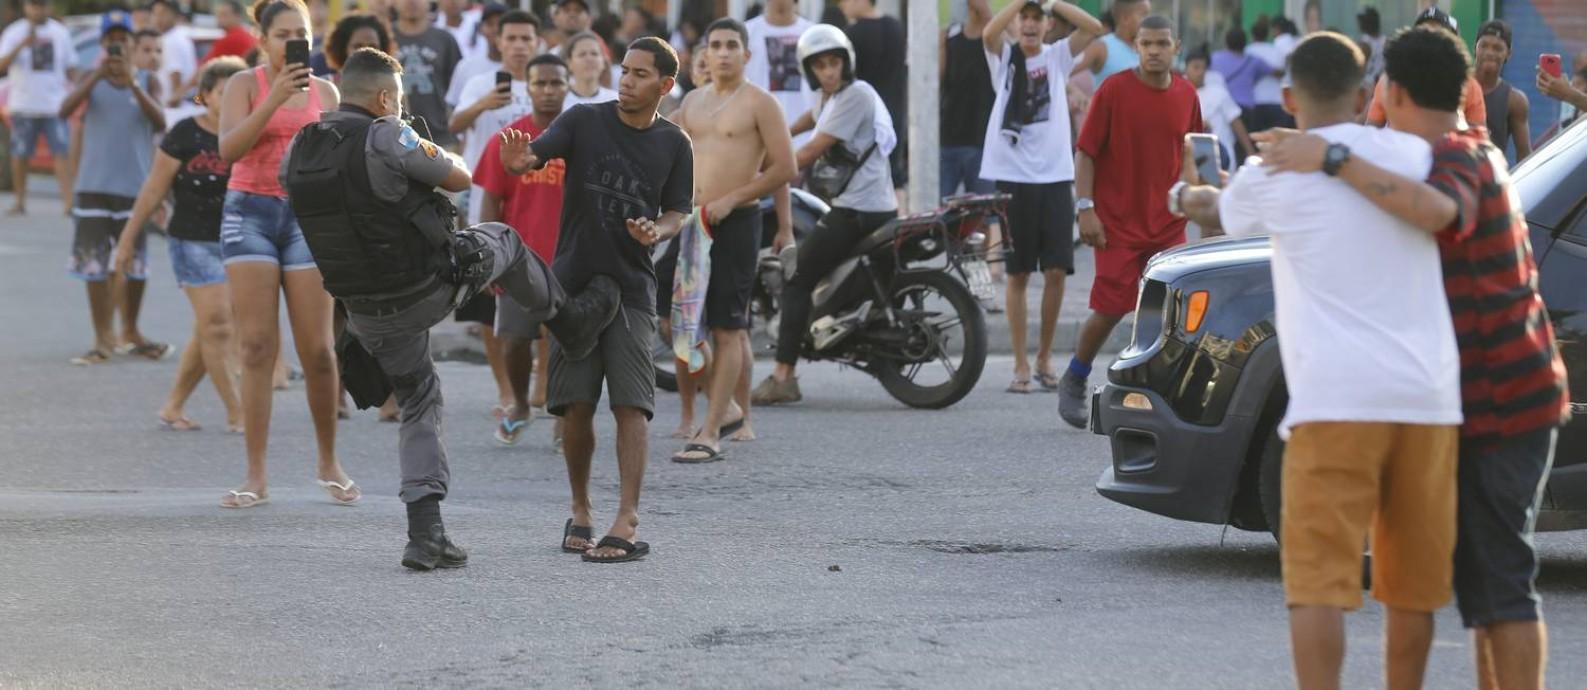 PM agride homem durante protesto após enterro do jovem Kelvin, de 17 anos, morto nesta quinta-feira durante ação na comunidade Pára-Pedro Foto: MARCELO THEOBALD / Agência O GLOBO